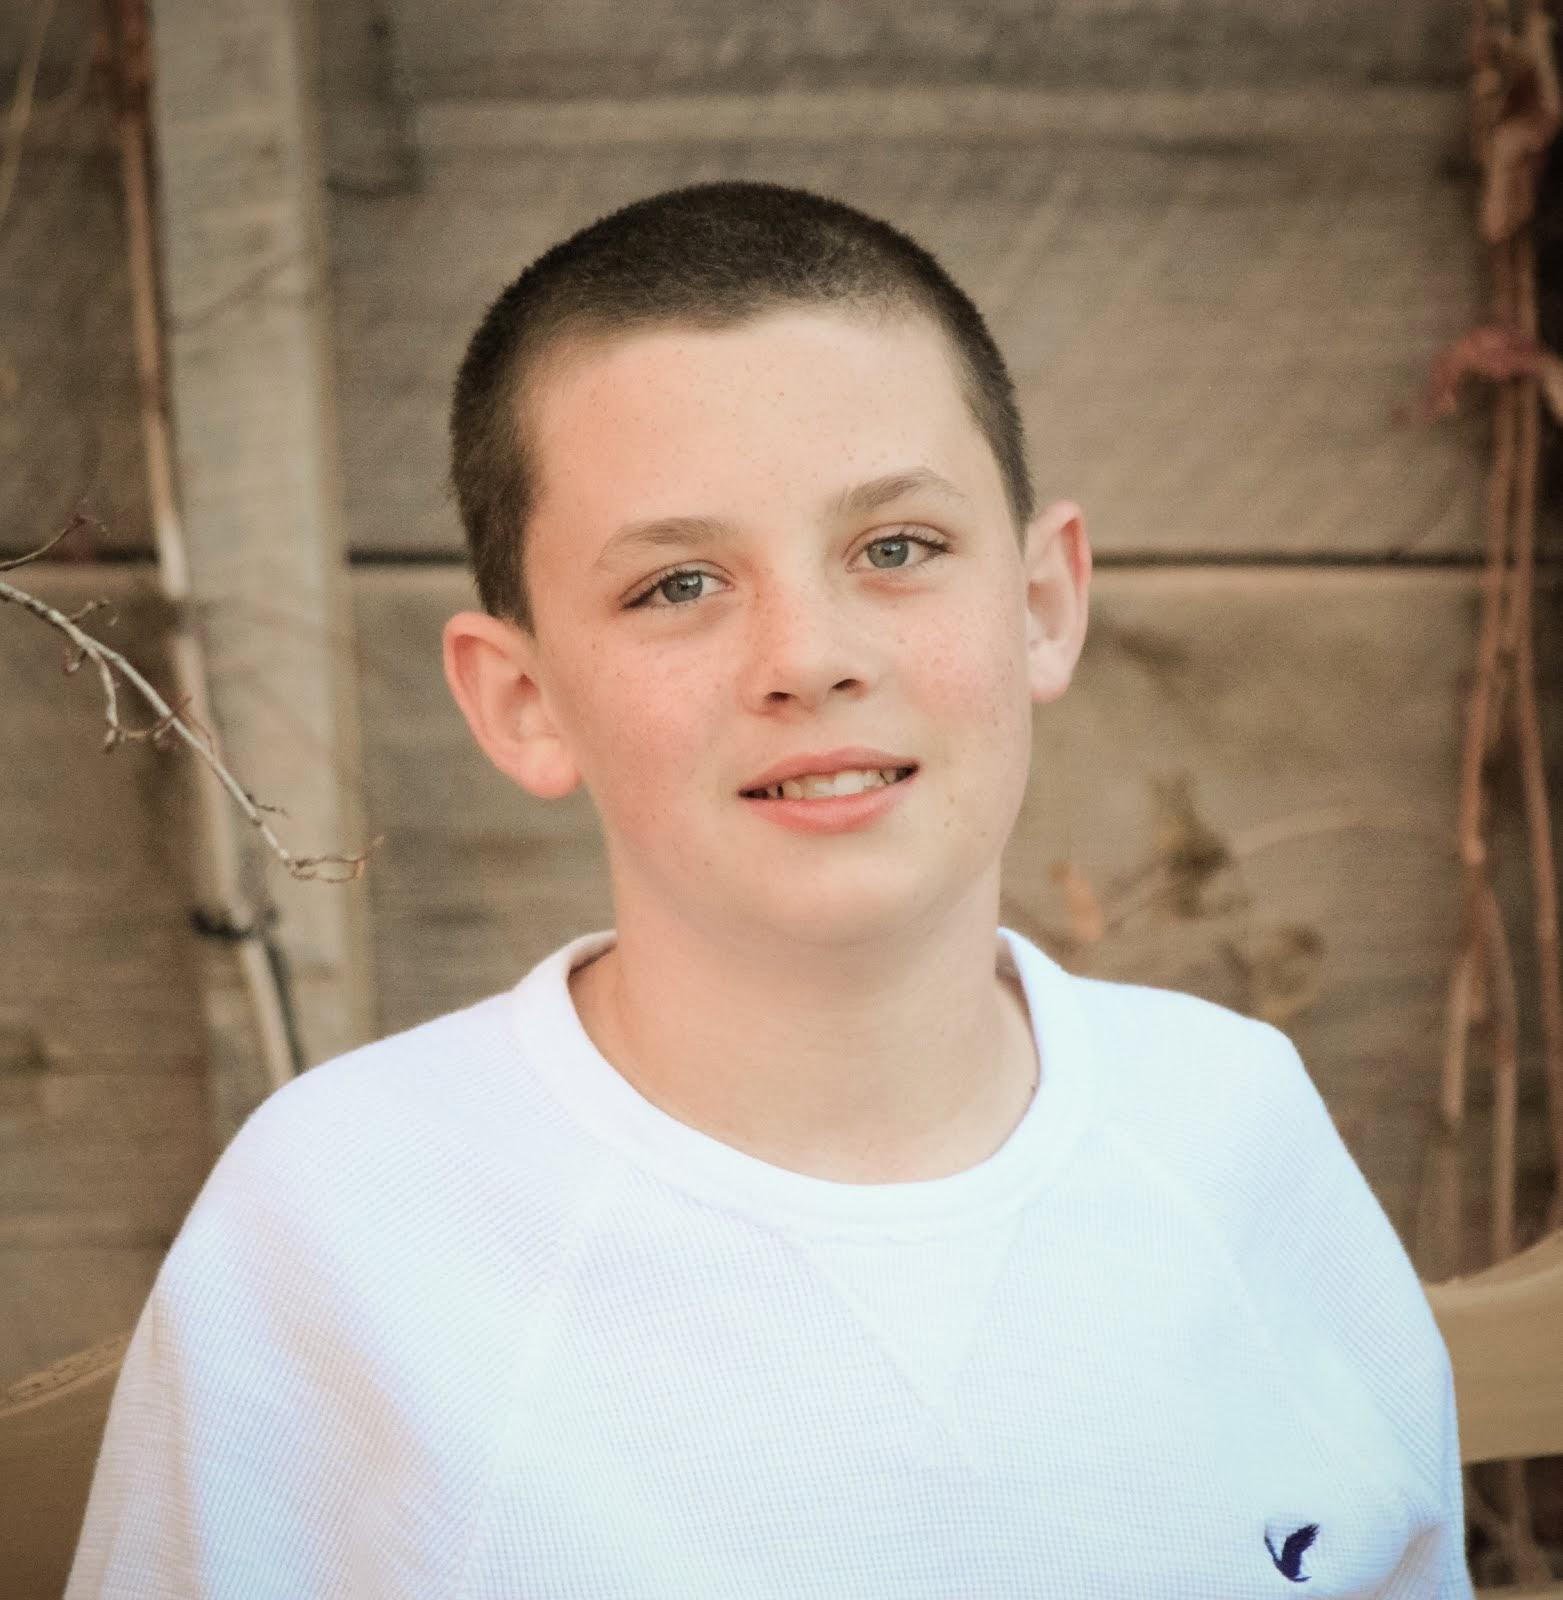 Riley age 13